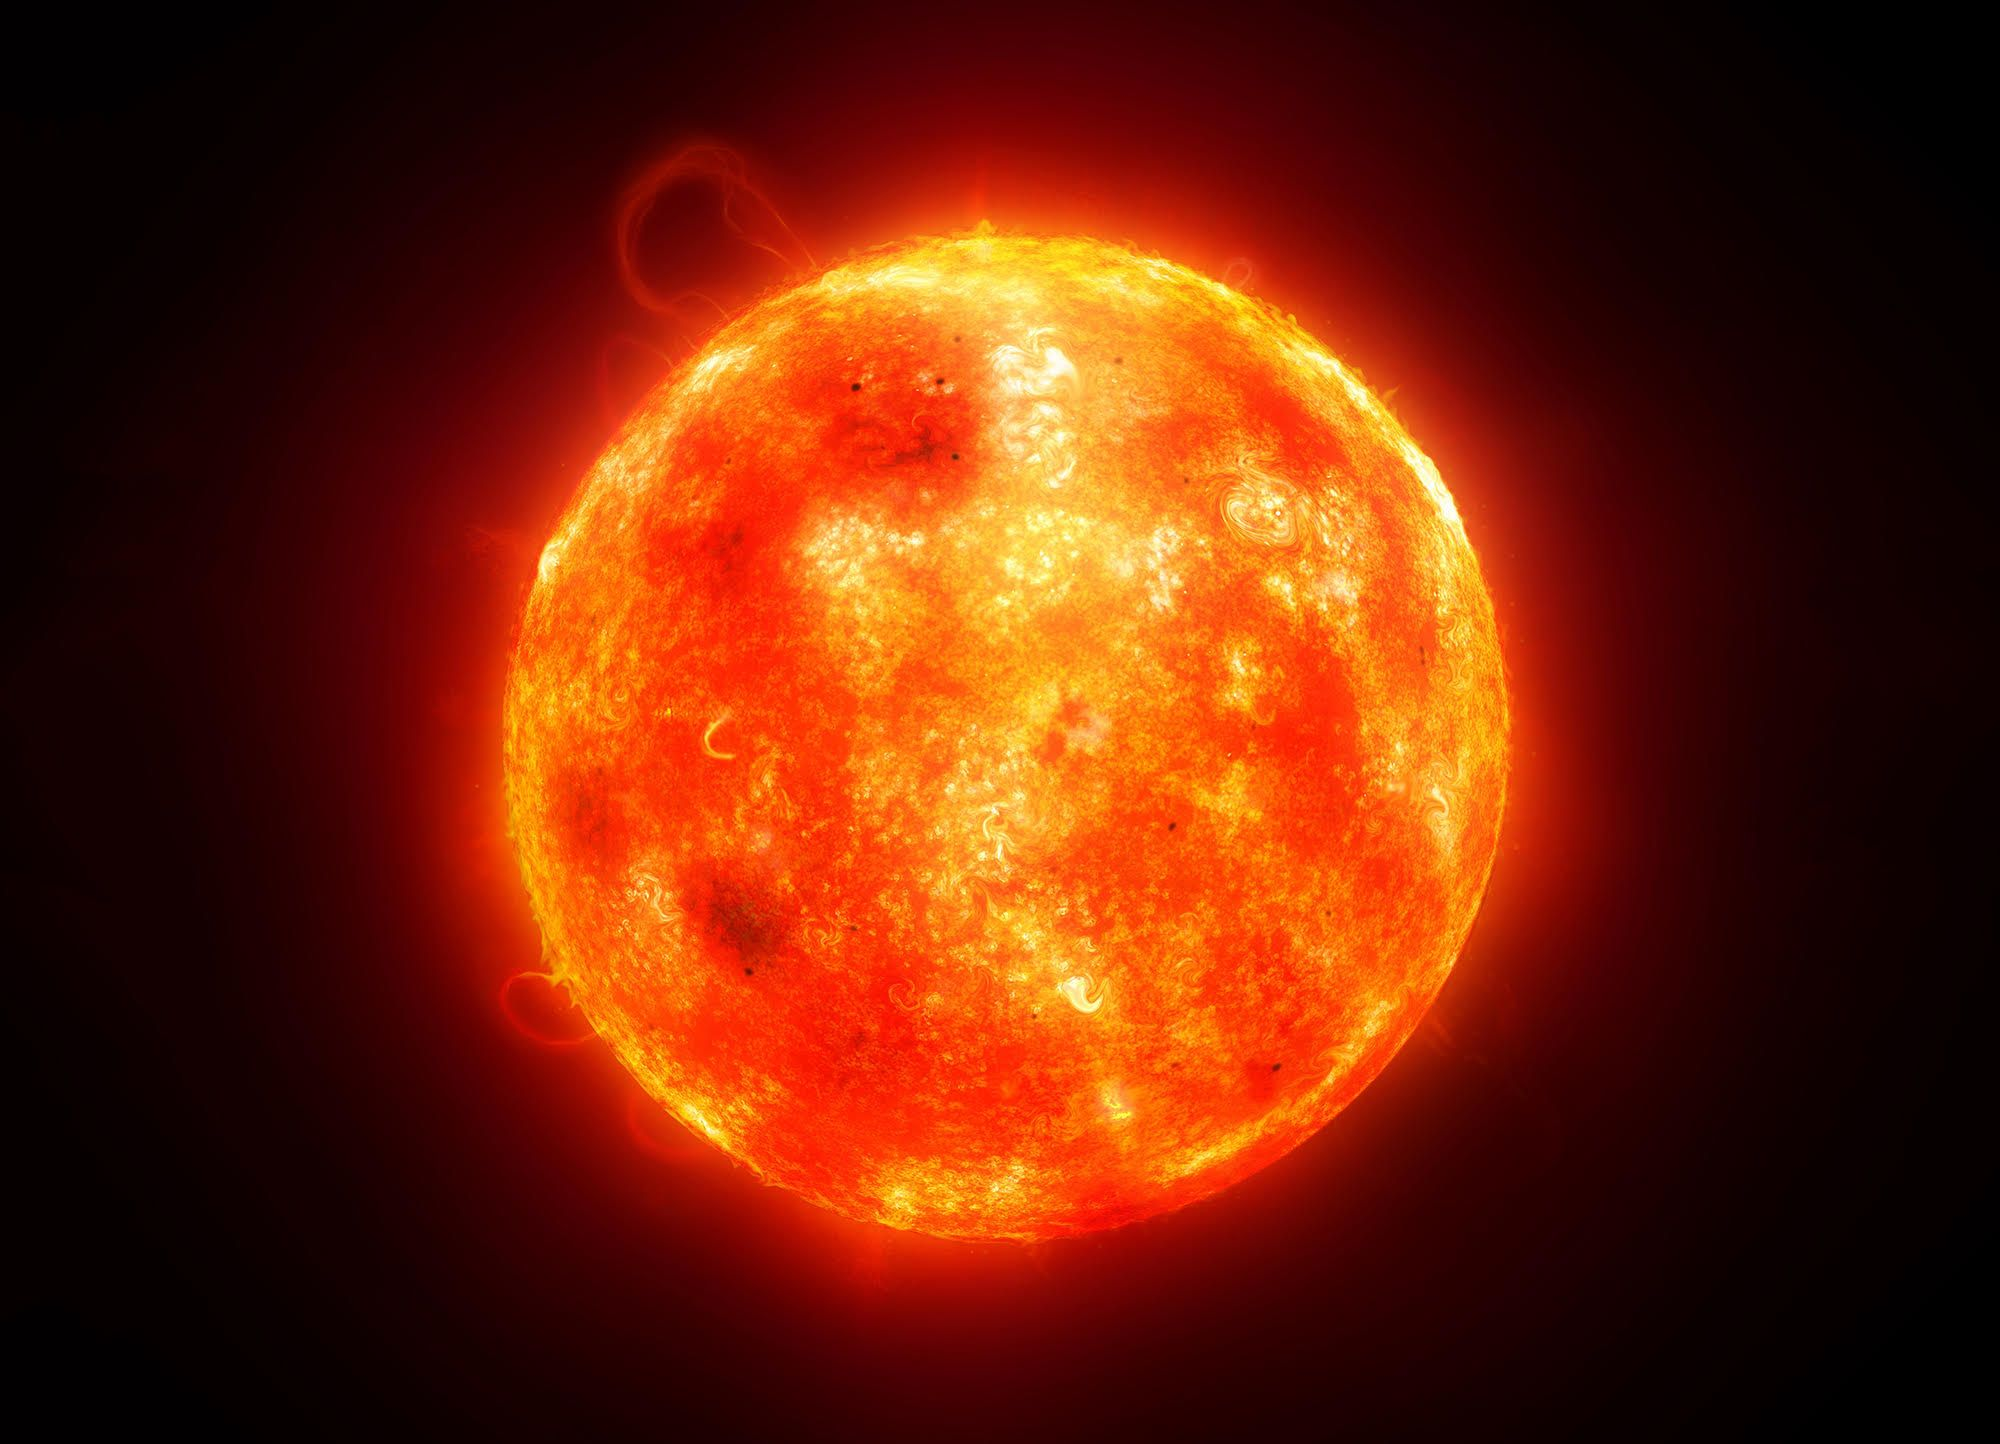 nasa sun ufo - HD1440×1040